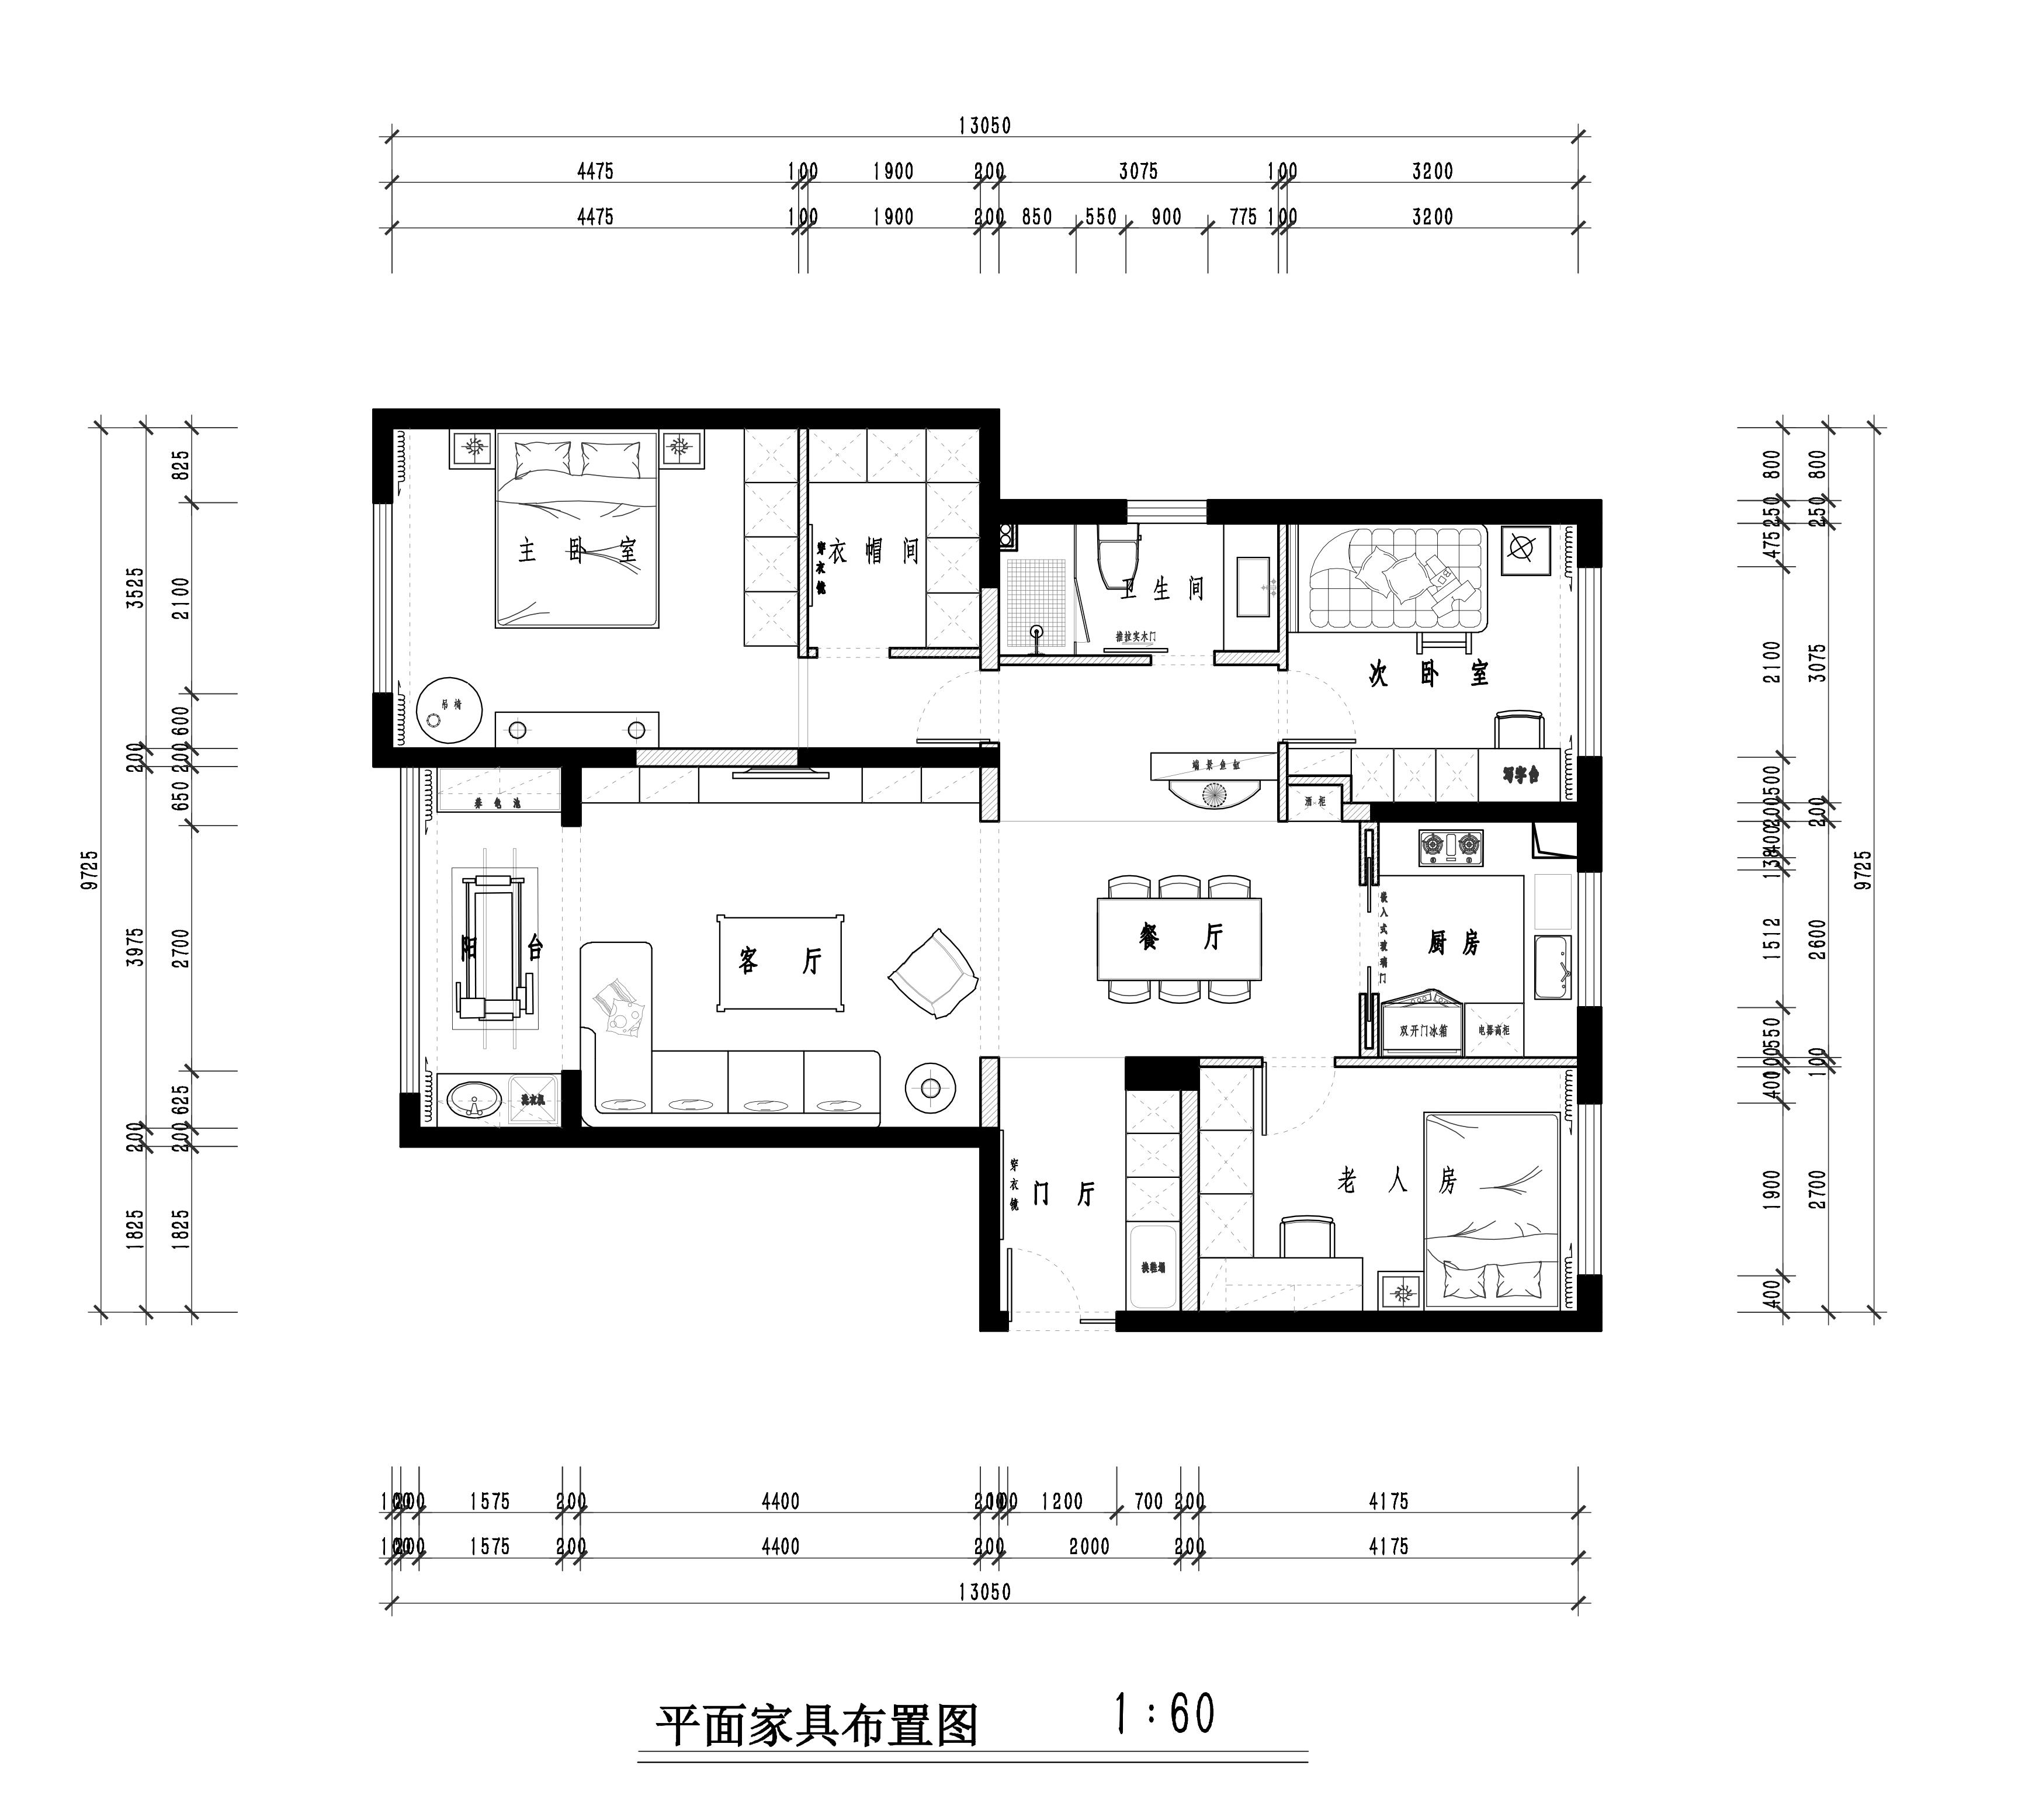 中粮祥云 现代简约 120平米装修设计理念